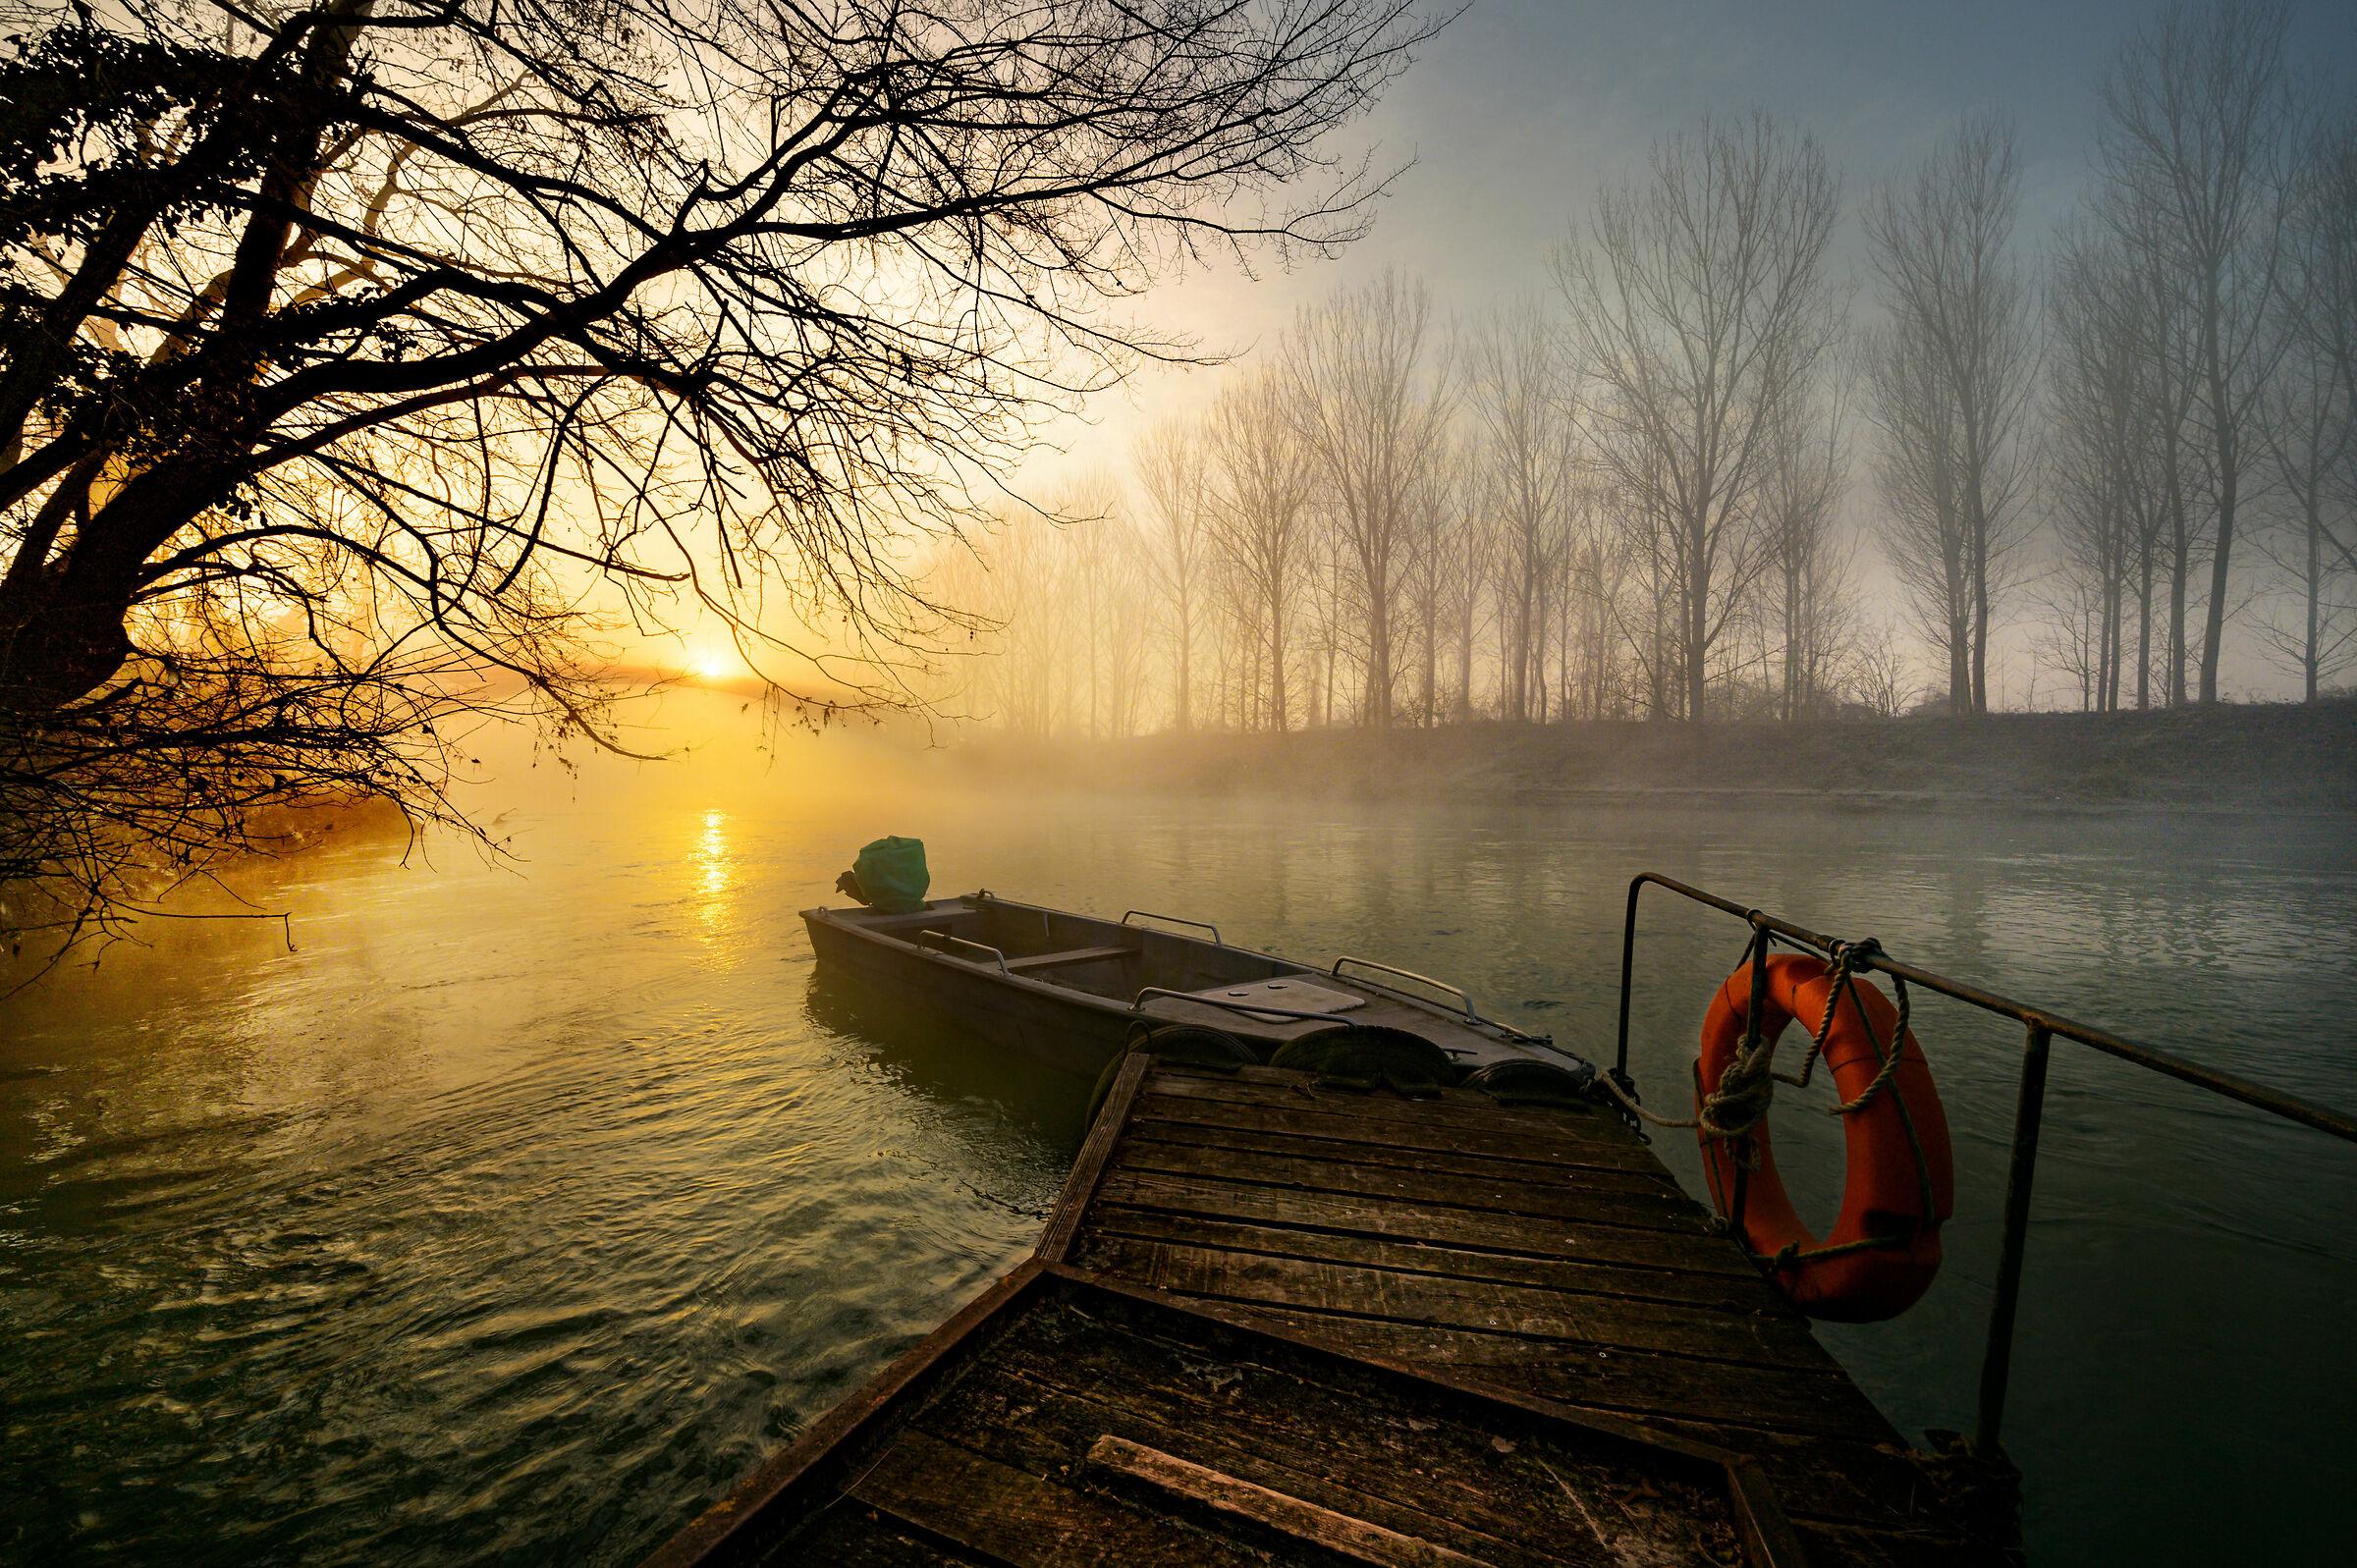 Si alza il sole...